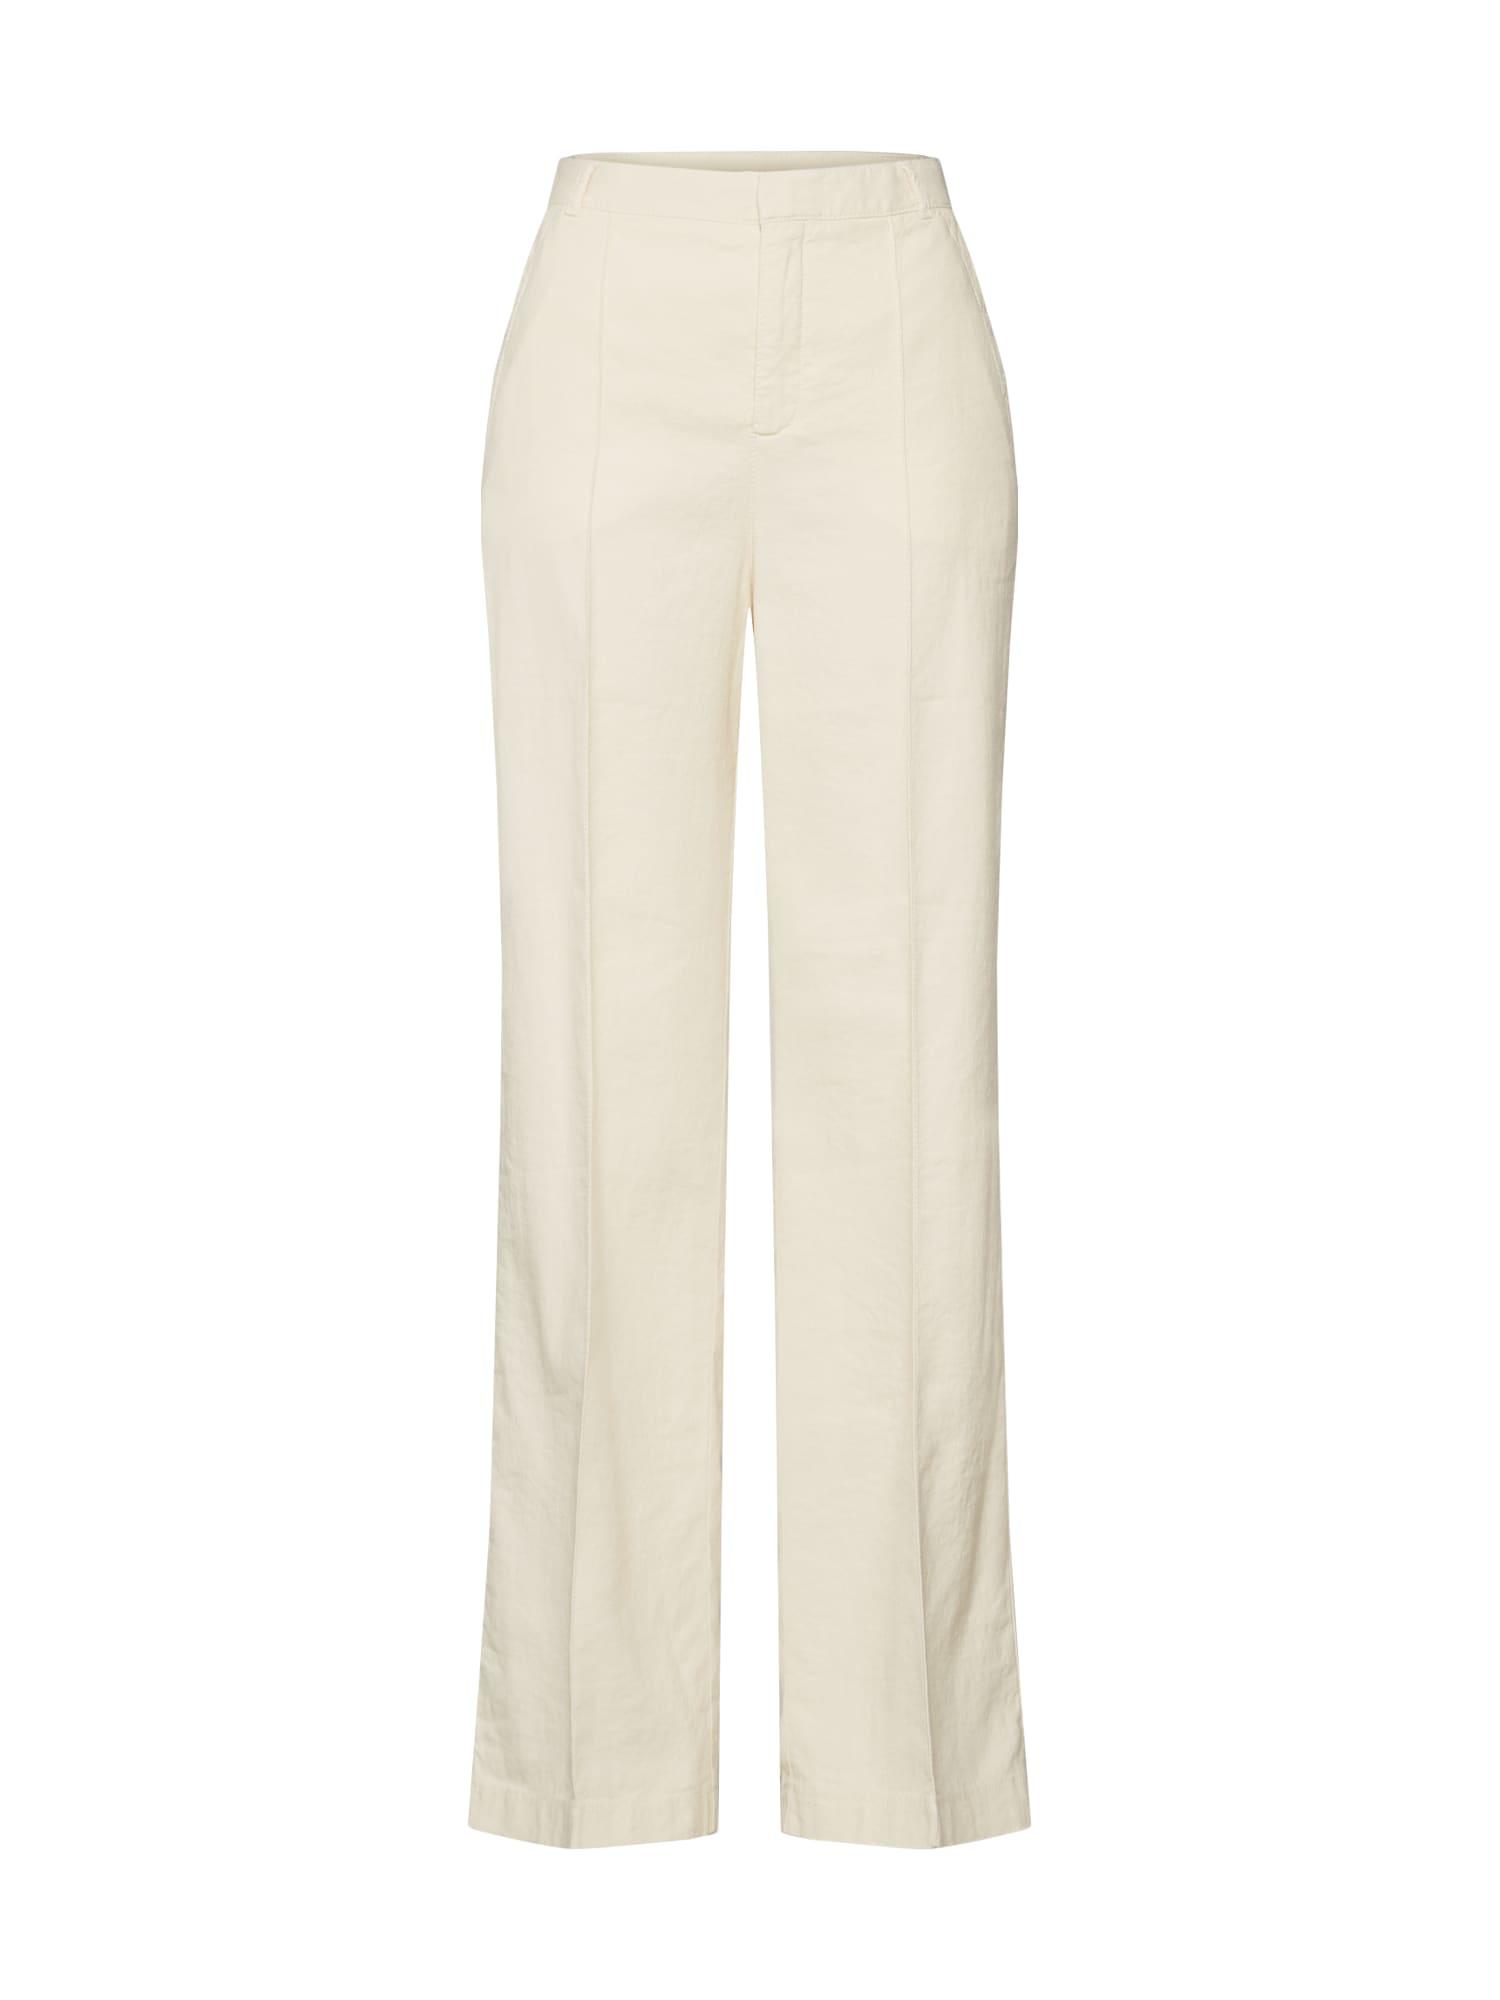 Kalhoty Sulotte krémová BOSS